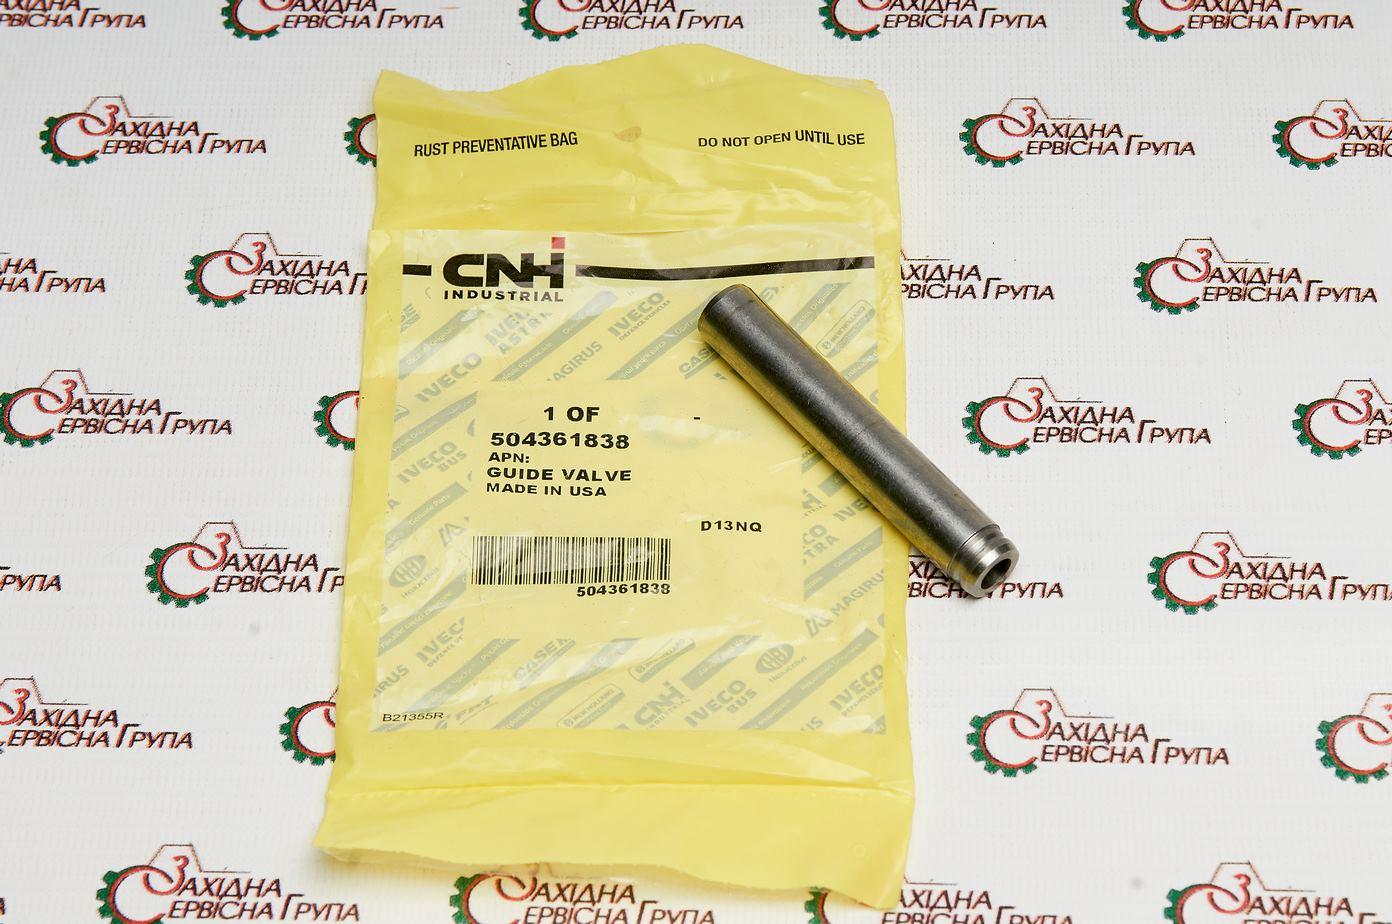 Направляюча клапана випускного IVECO/FPT Cursor 9, 504361838